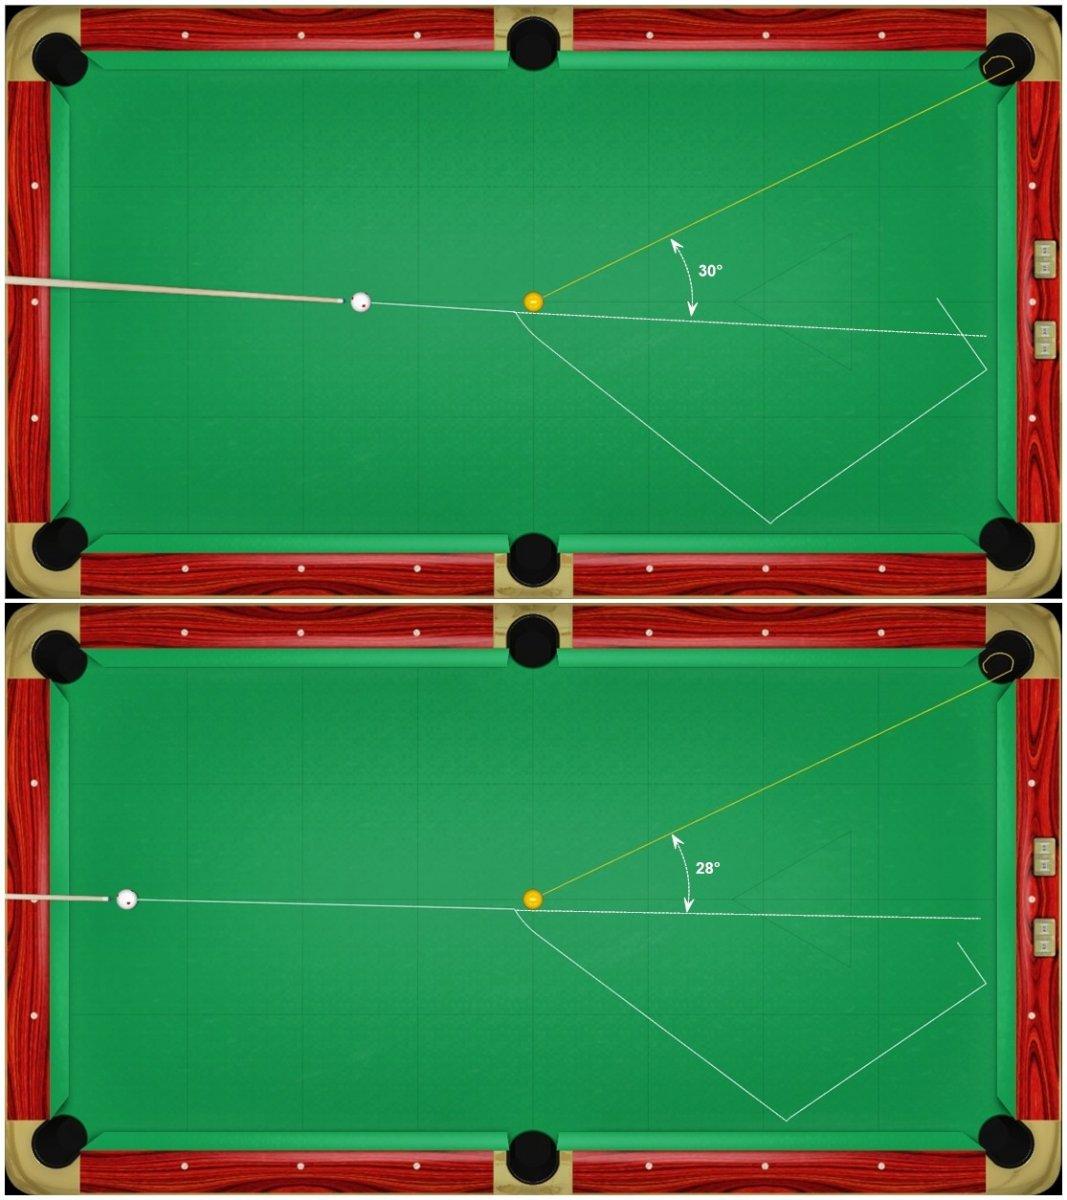 center spot half ball.jpg